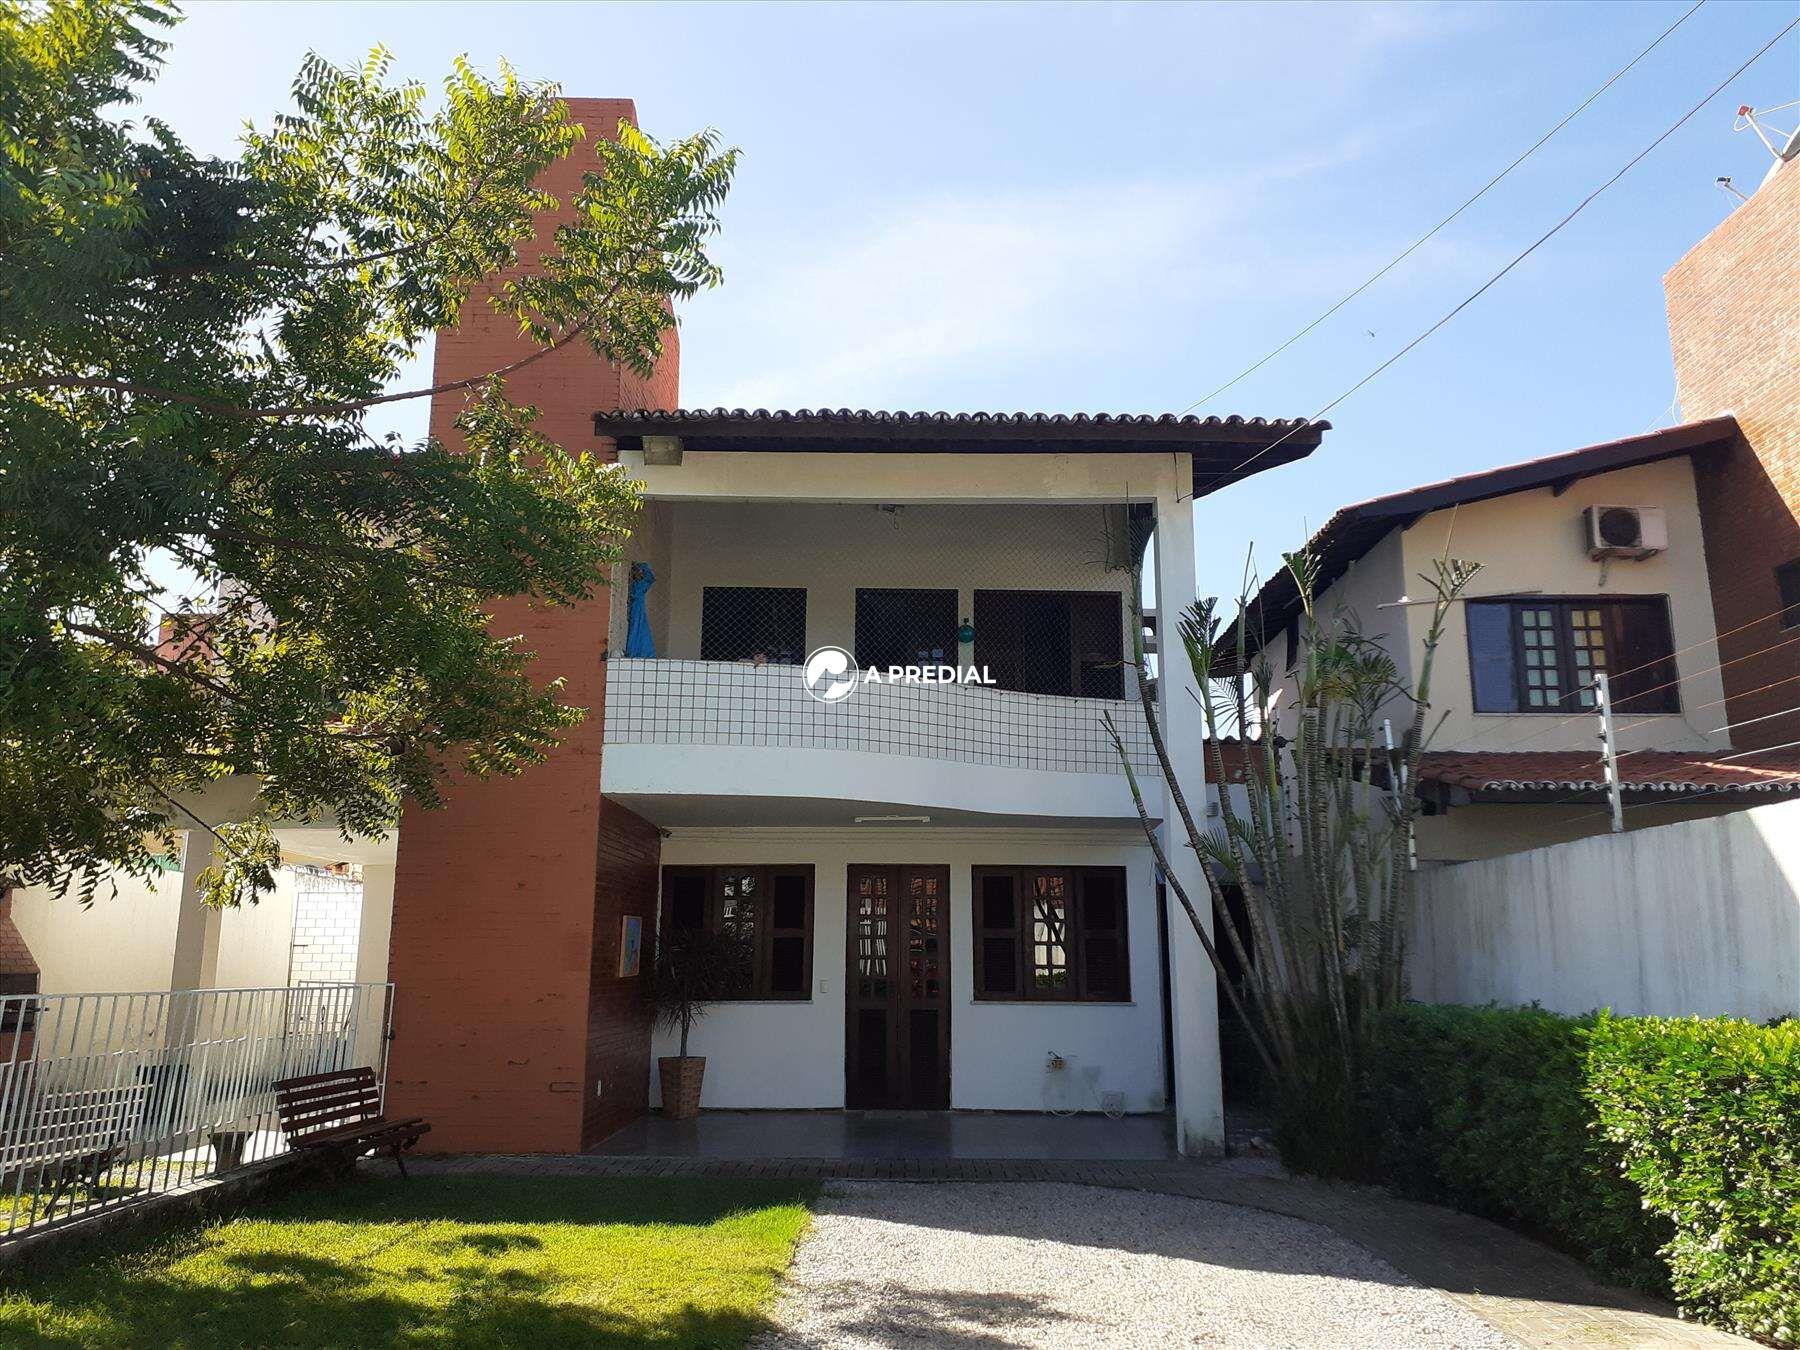 Casa à venda no Sapiranga: 6efe5808-9-20200722_144357.jpg